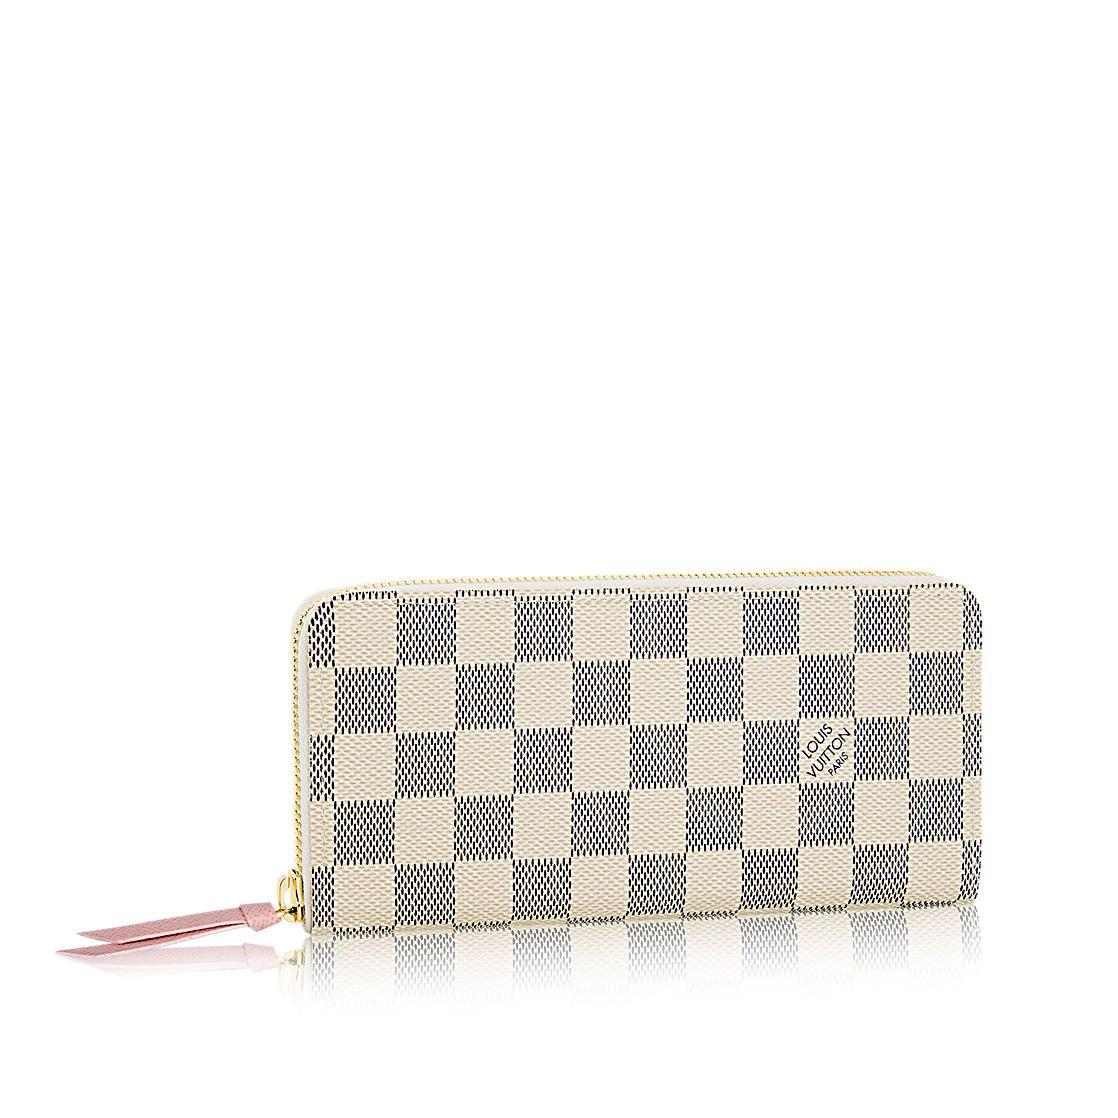 b35c082d66e Amazon.com: Louis Vuitton Damier Azur Canvas Rose Ballerine Clemence Wallet  N61264: Shoes